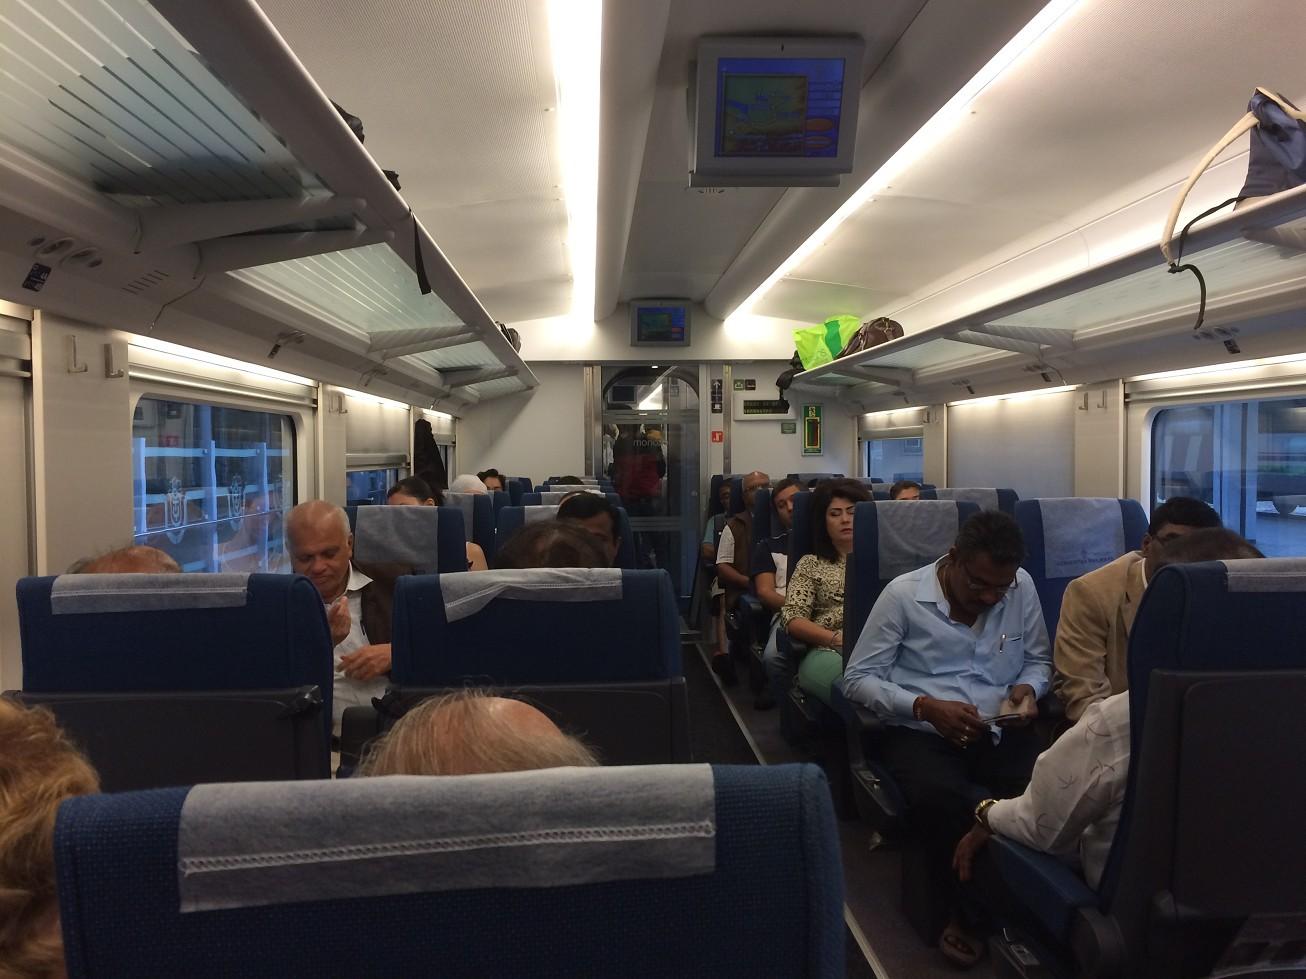 車廂內部足可媲美台灣高鐵,還有人員服務送茶及點心像極了搭飛機。